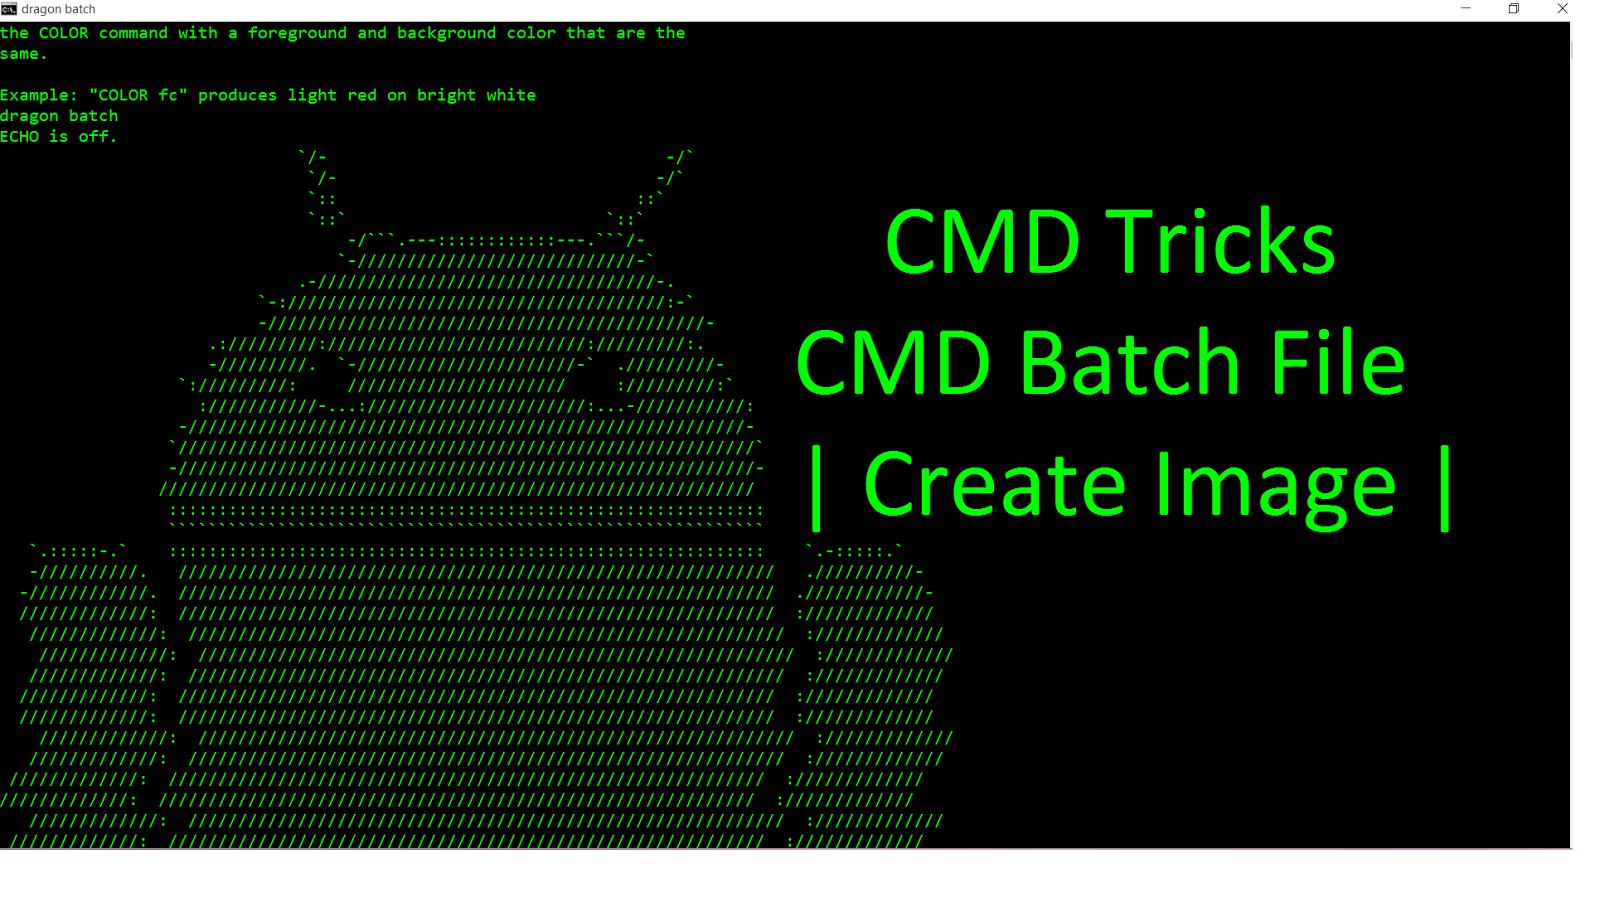 CMD tricks | Insert Image in CMD | CMD Batch File ~ Test